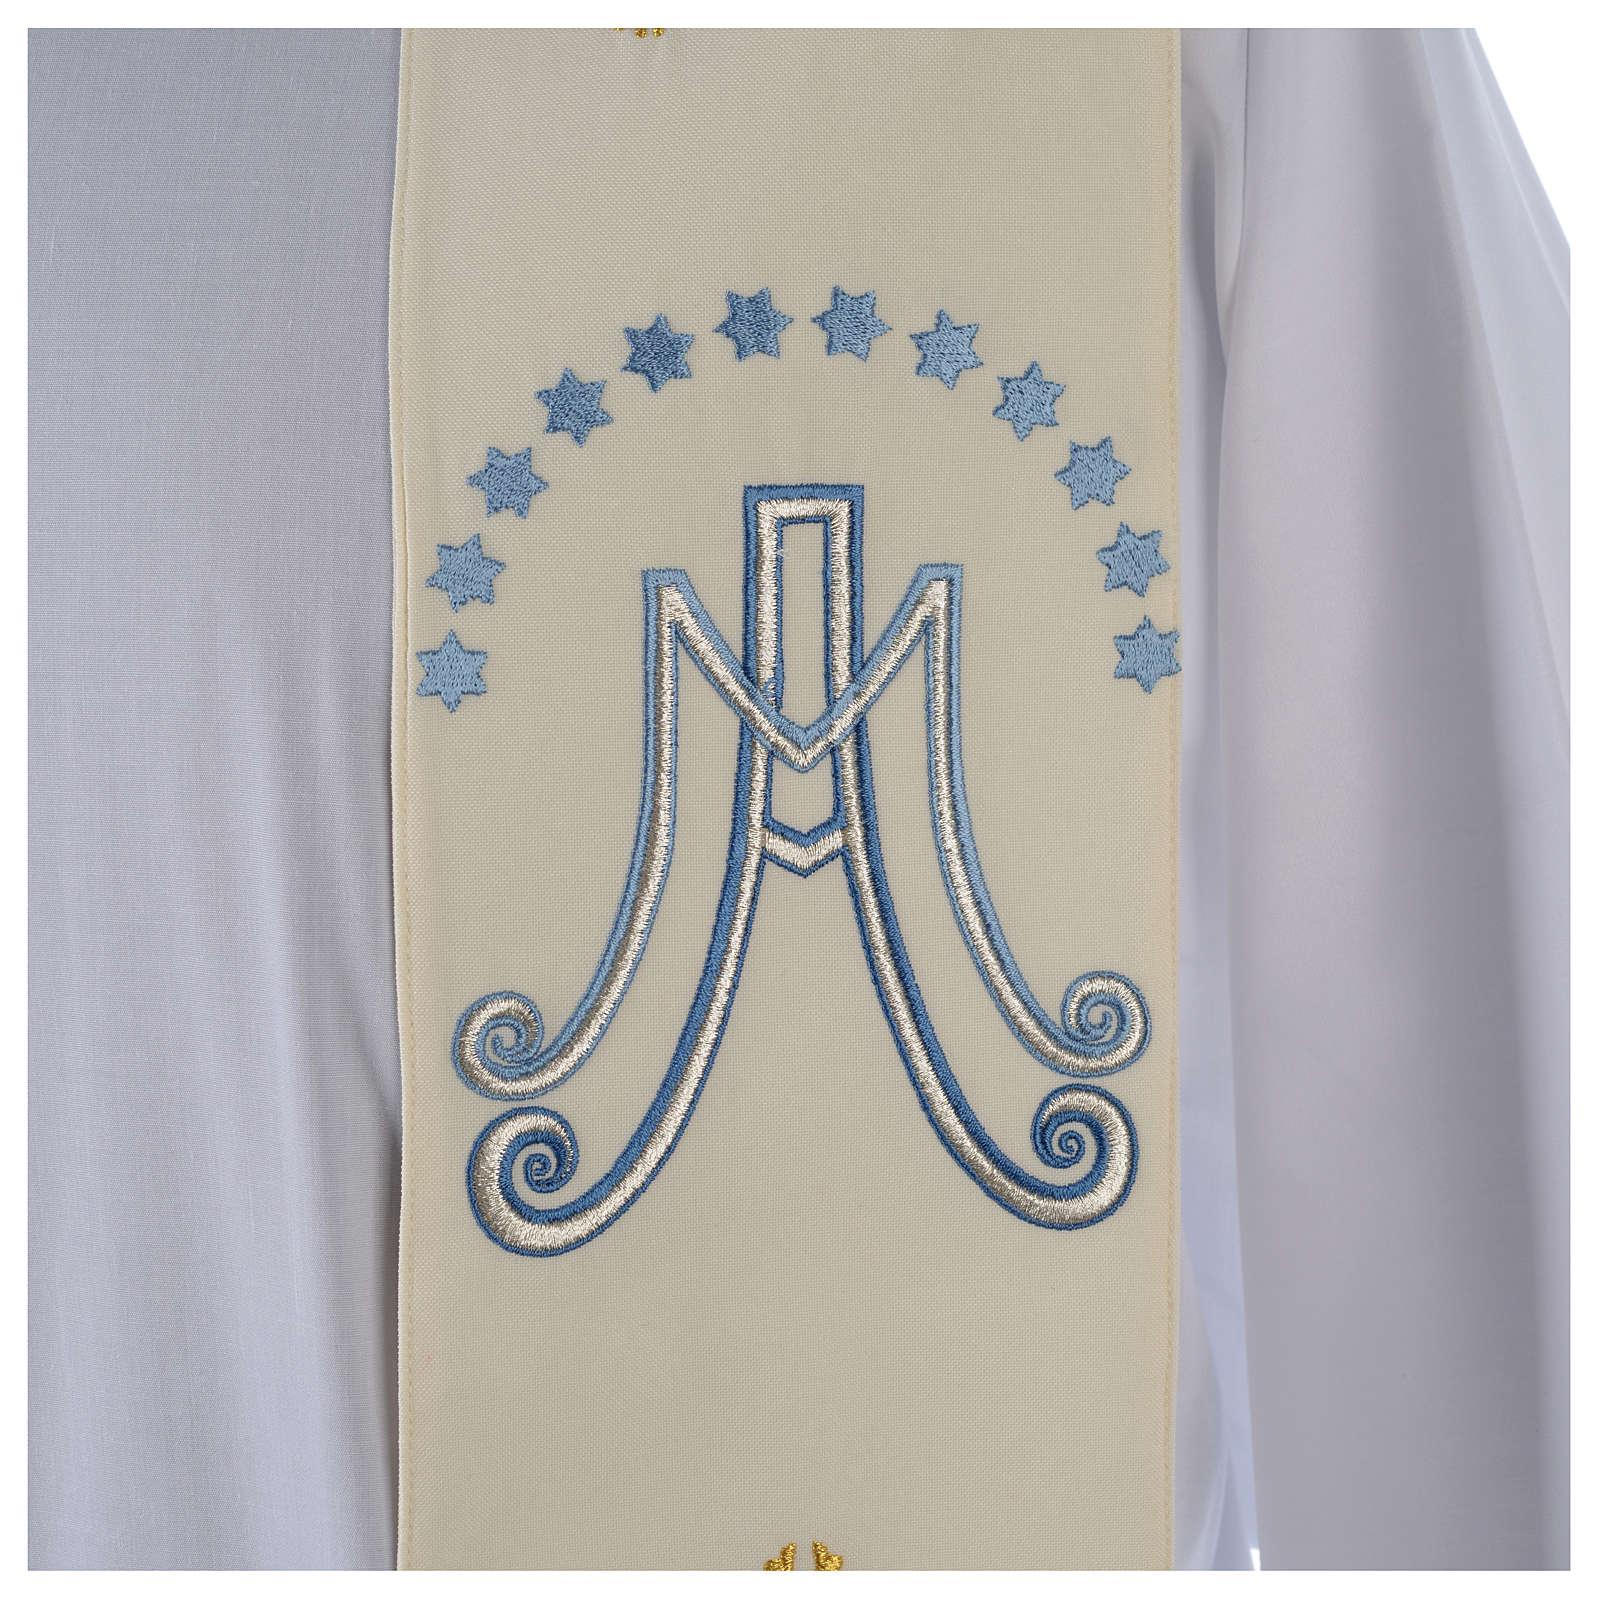 design professionale scarpe eleganti allacciarsi dentro Marian stole in polyester with lilies